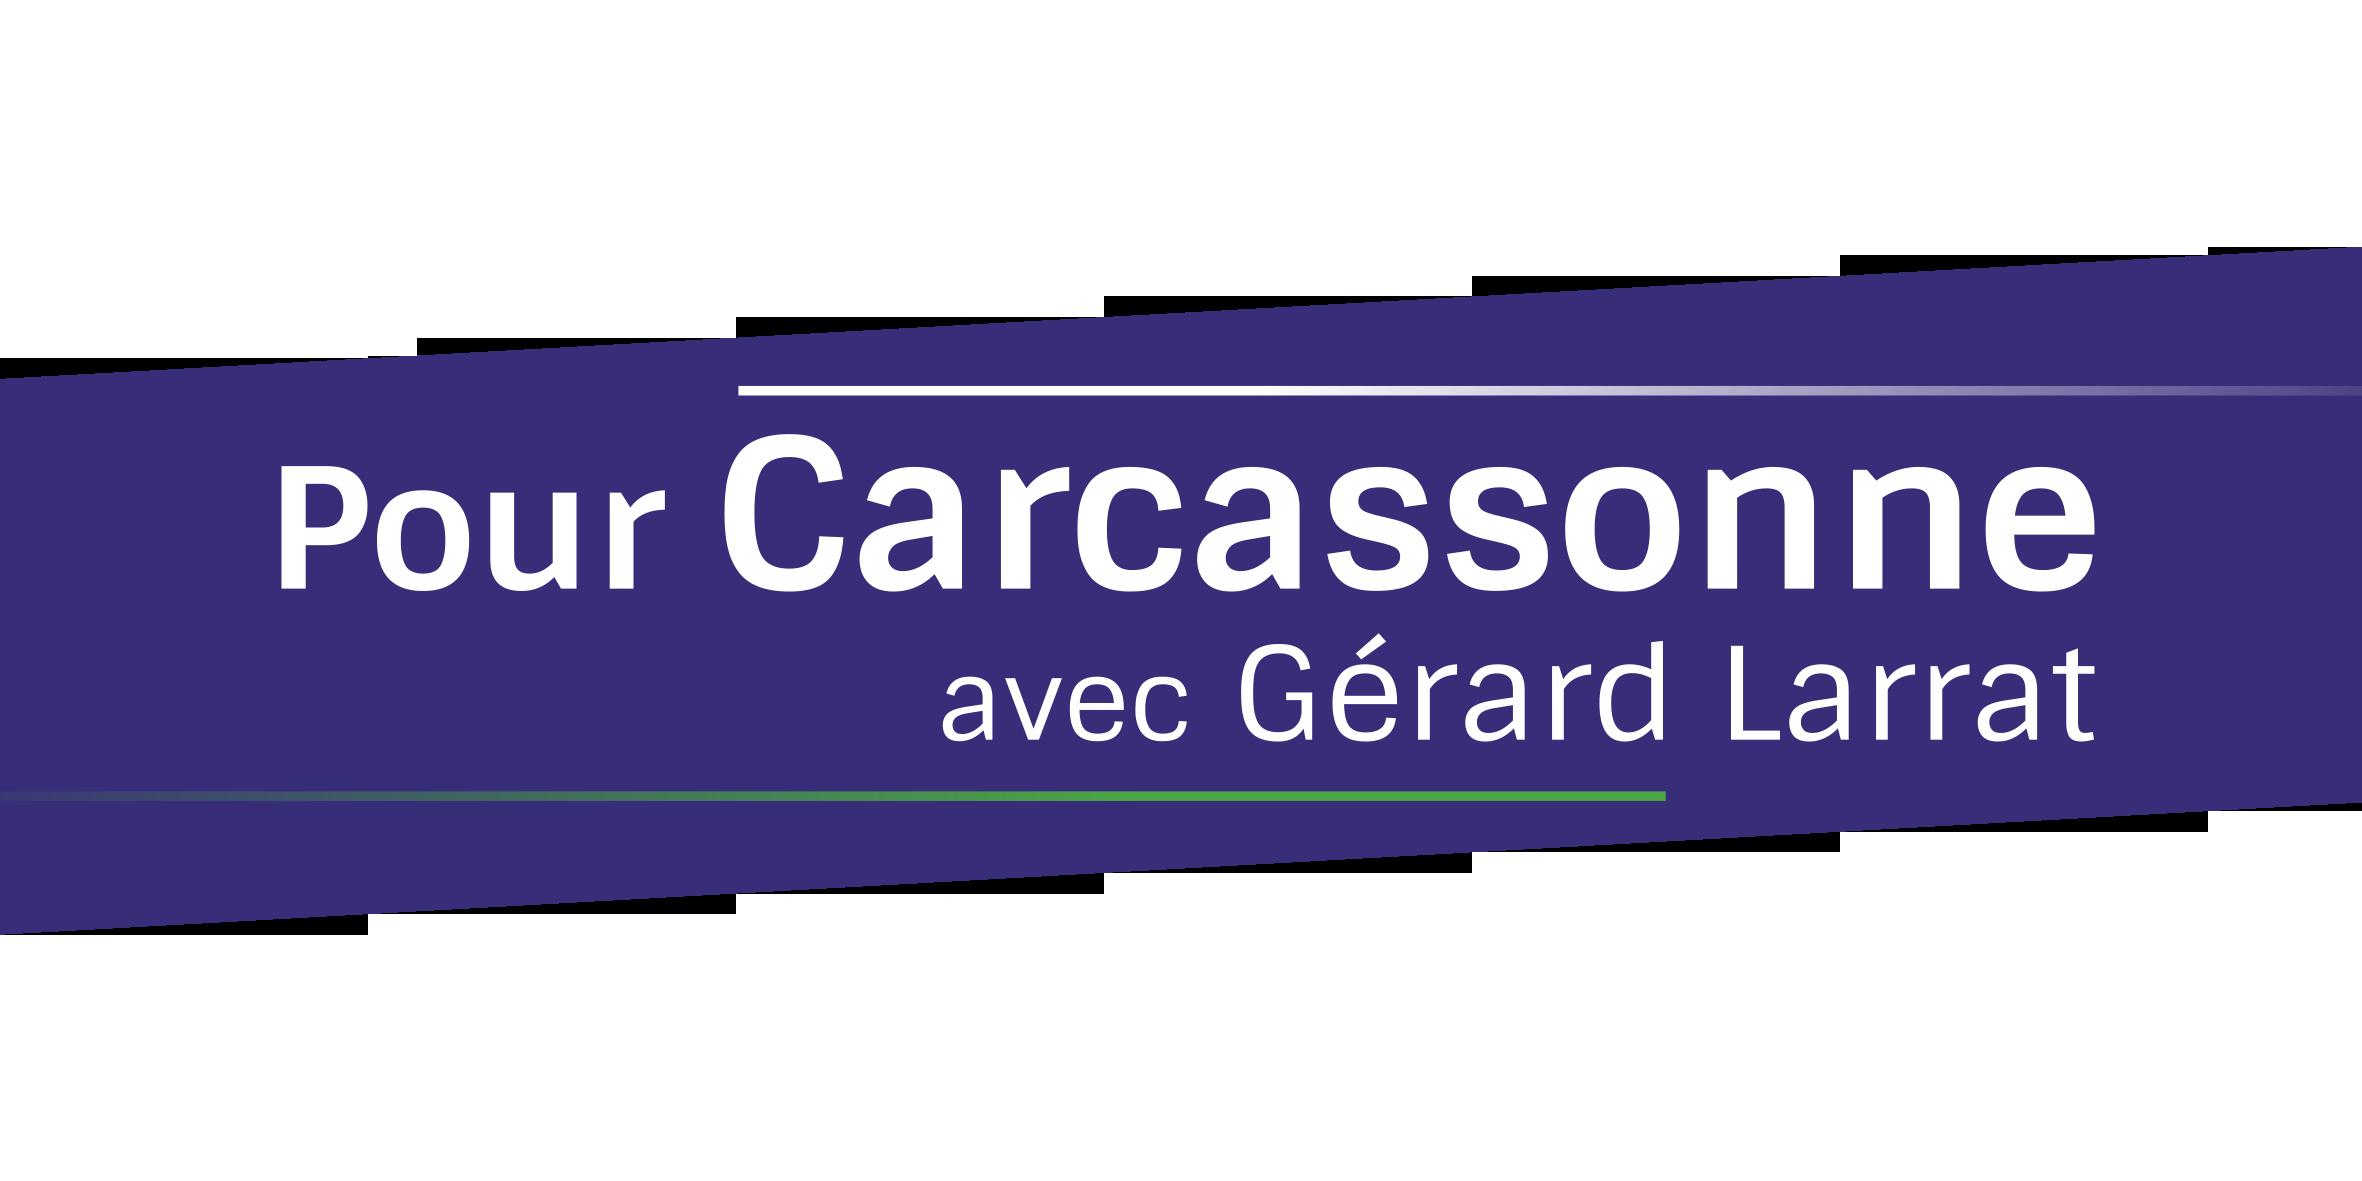 Pour Carcassonne avec Gérard Larrat